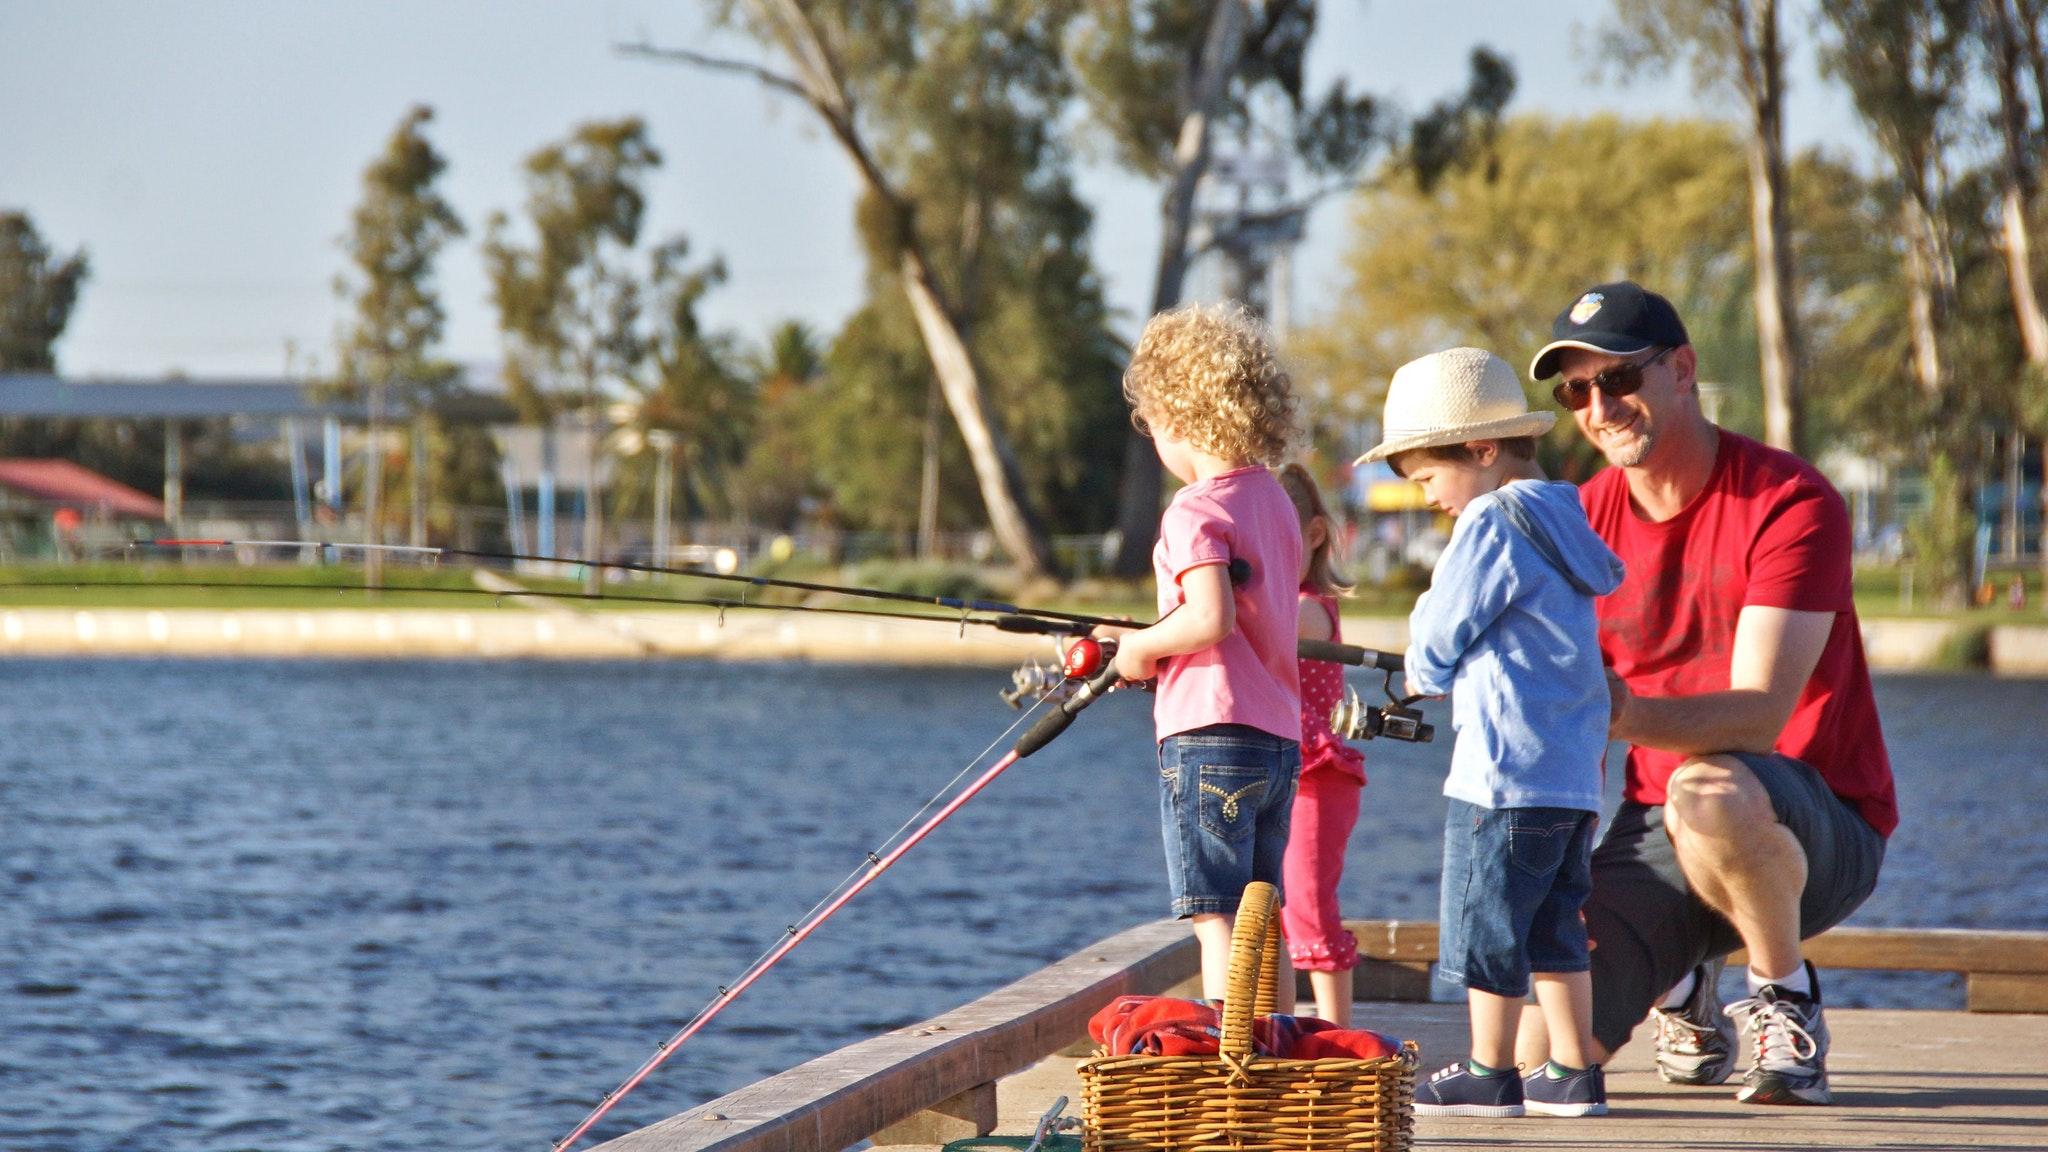 Family Fishing, Victoria Park Lake